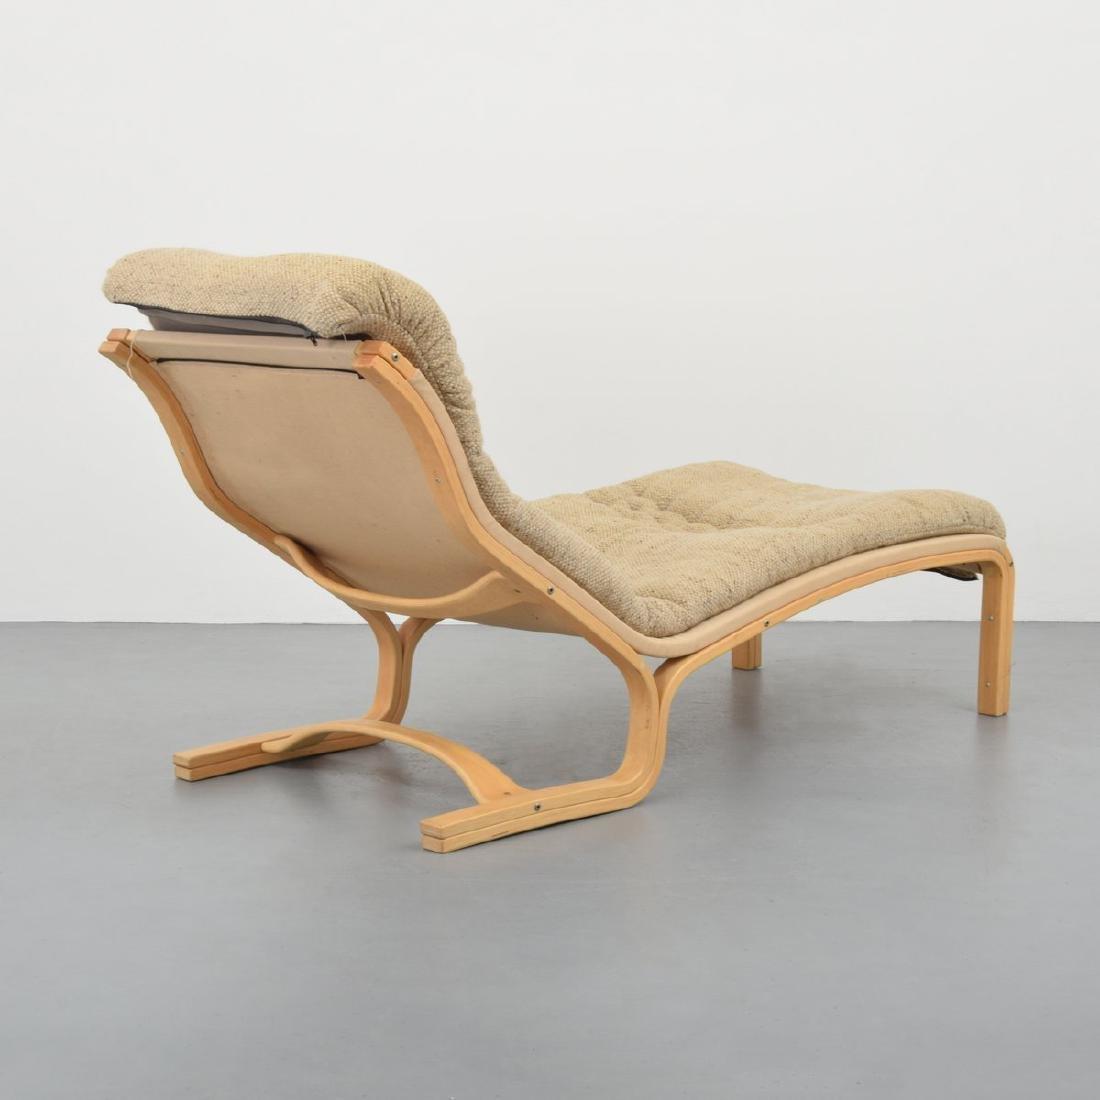 Esko Pajamies Chaise Lounge Chair - 5